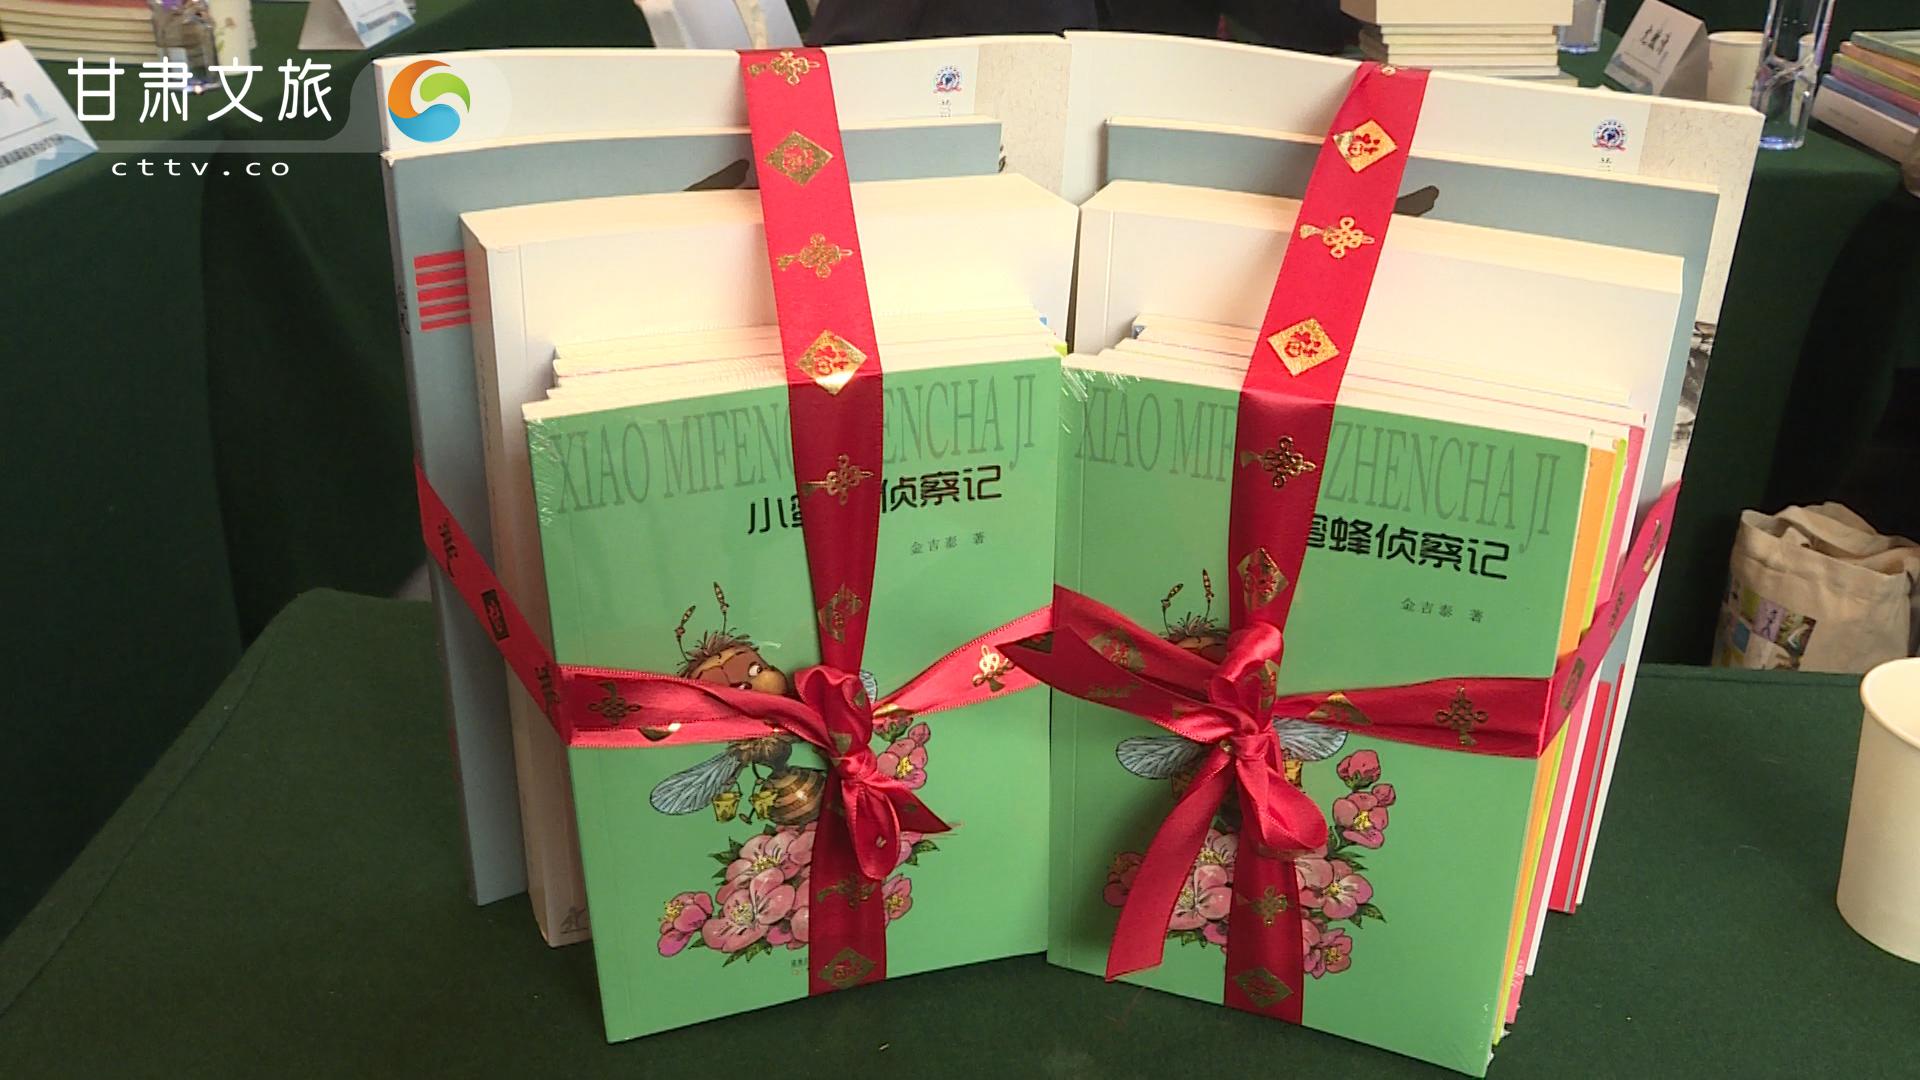 金吉泰童话精品丛书出版座谈会在兰州召开